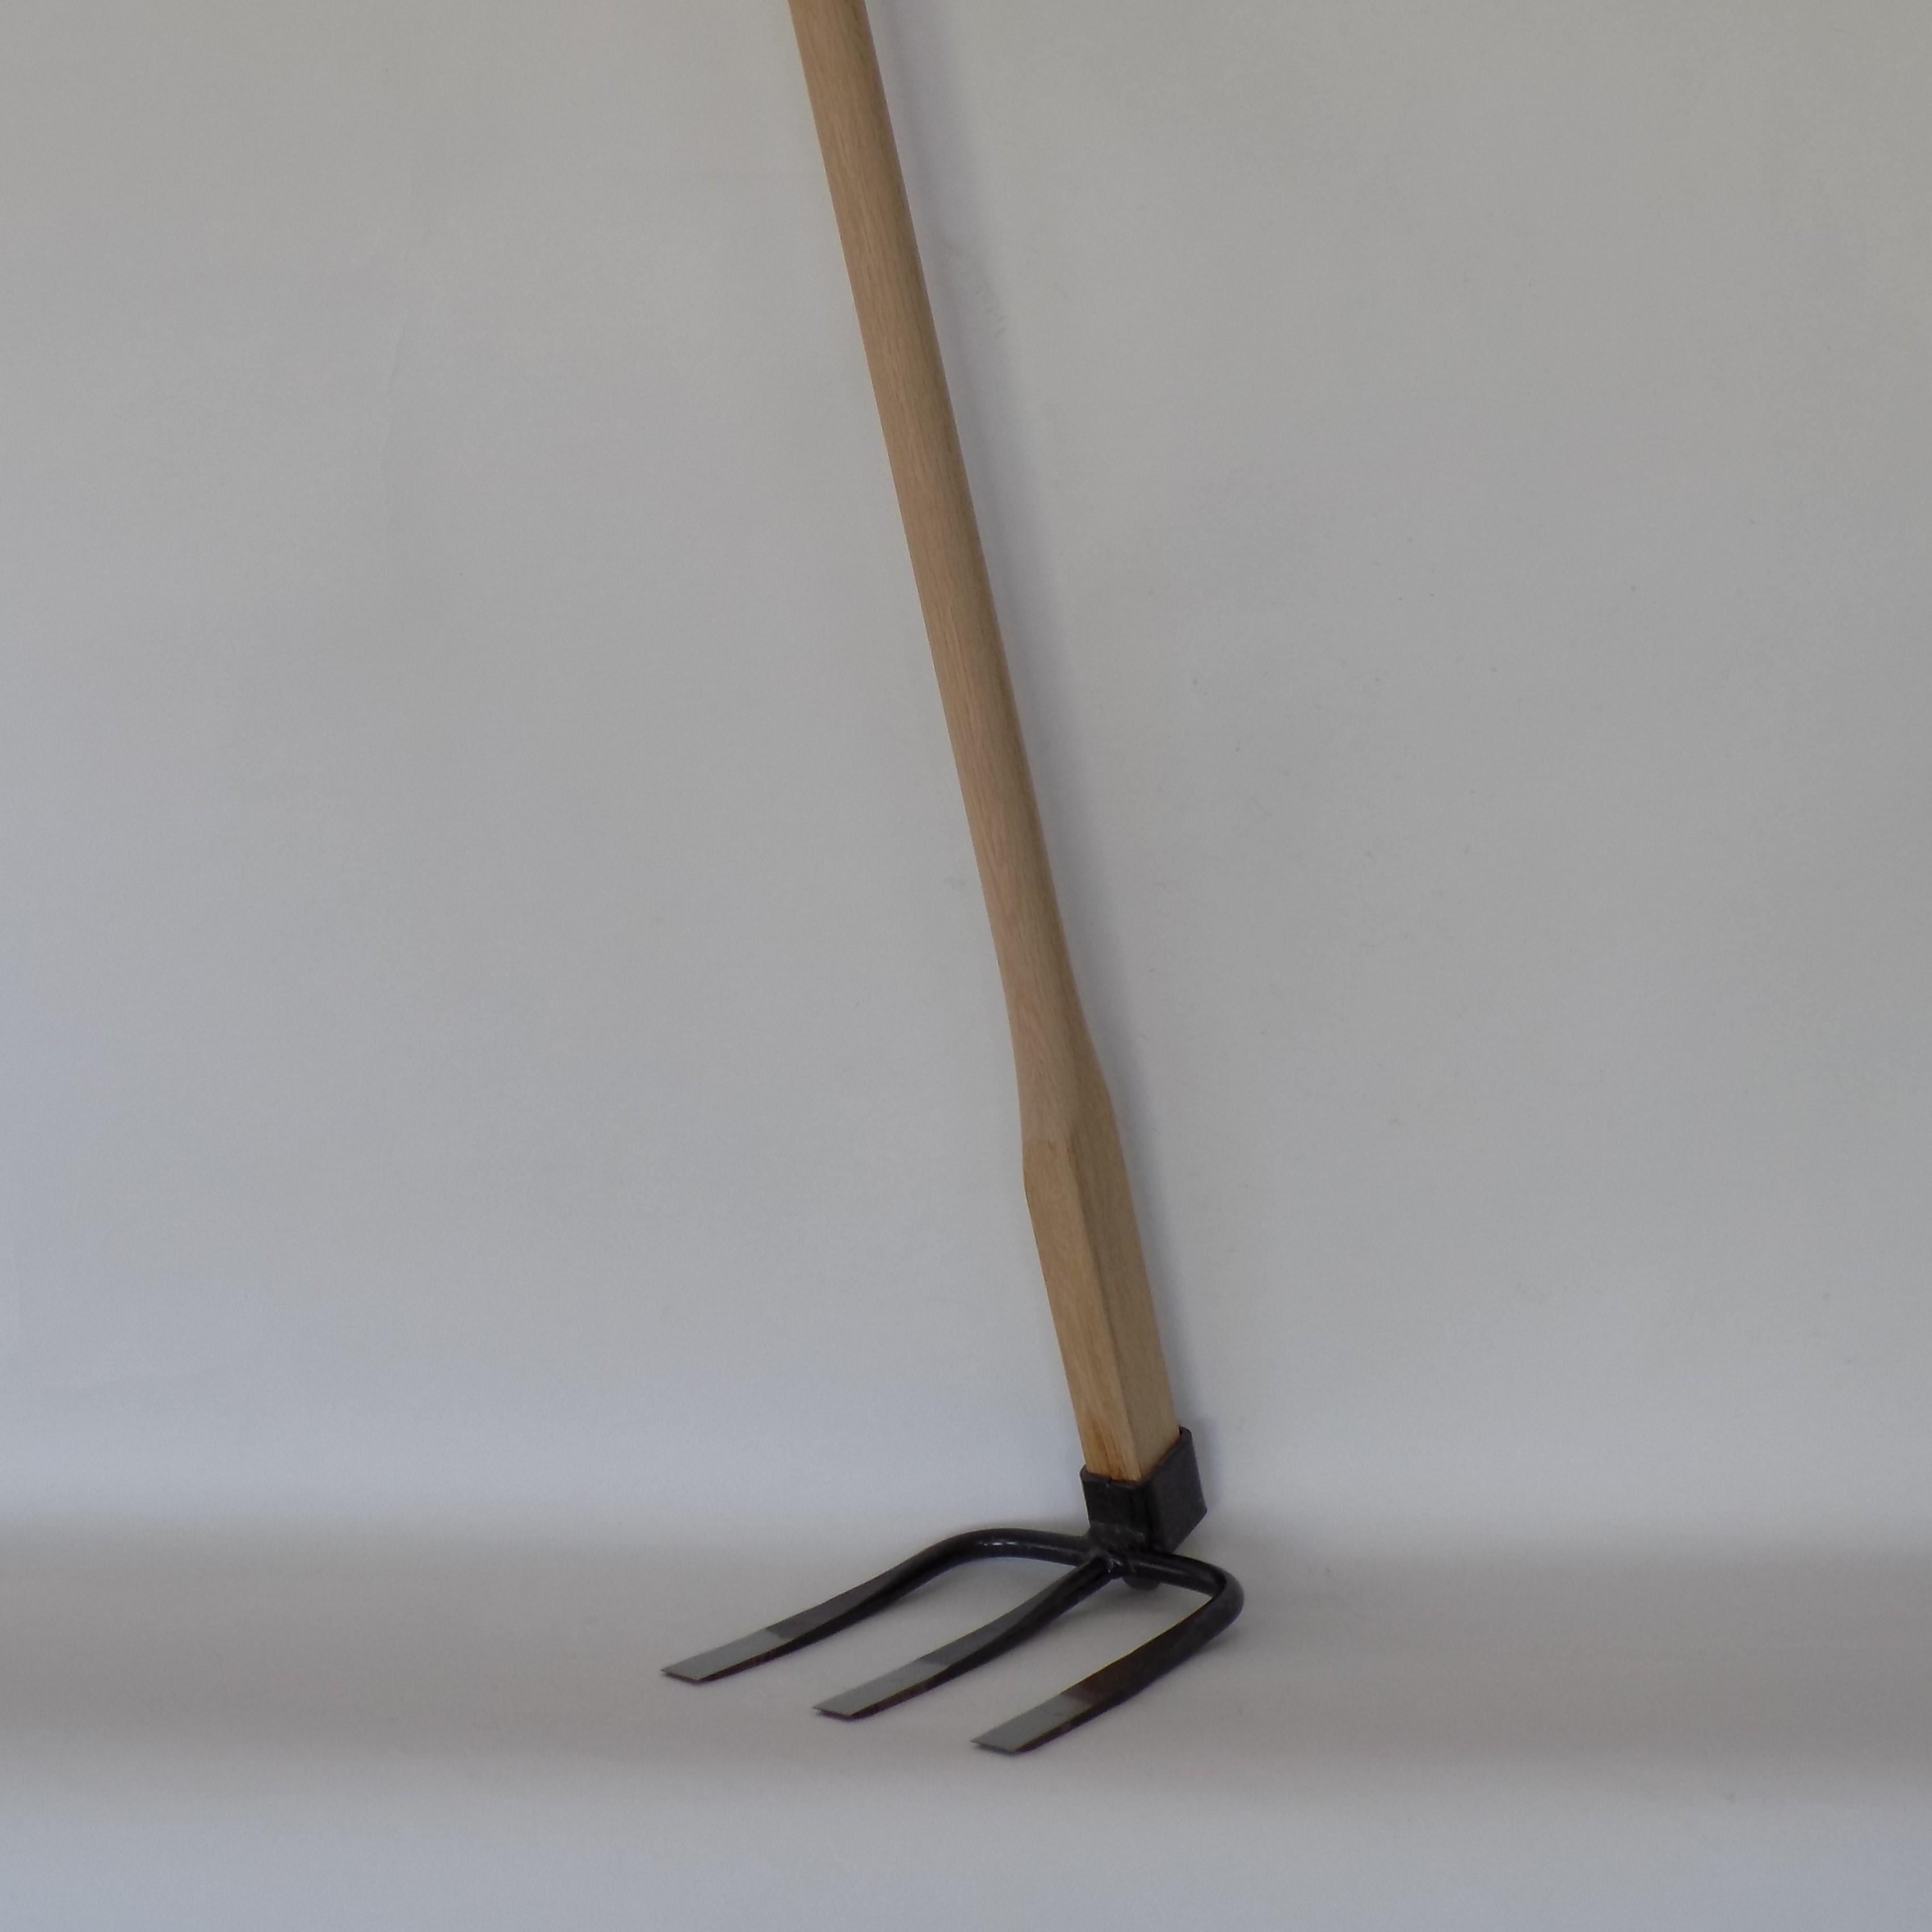 【角ヒツ三本鍬 磨き仕上】家庭菜園用の三本鍬 硬い土壌に土刺さり良い三本刃